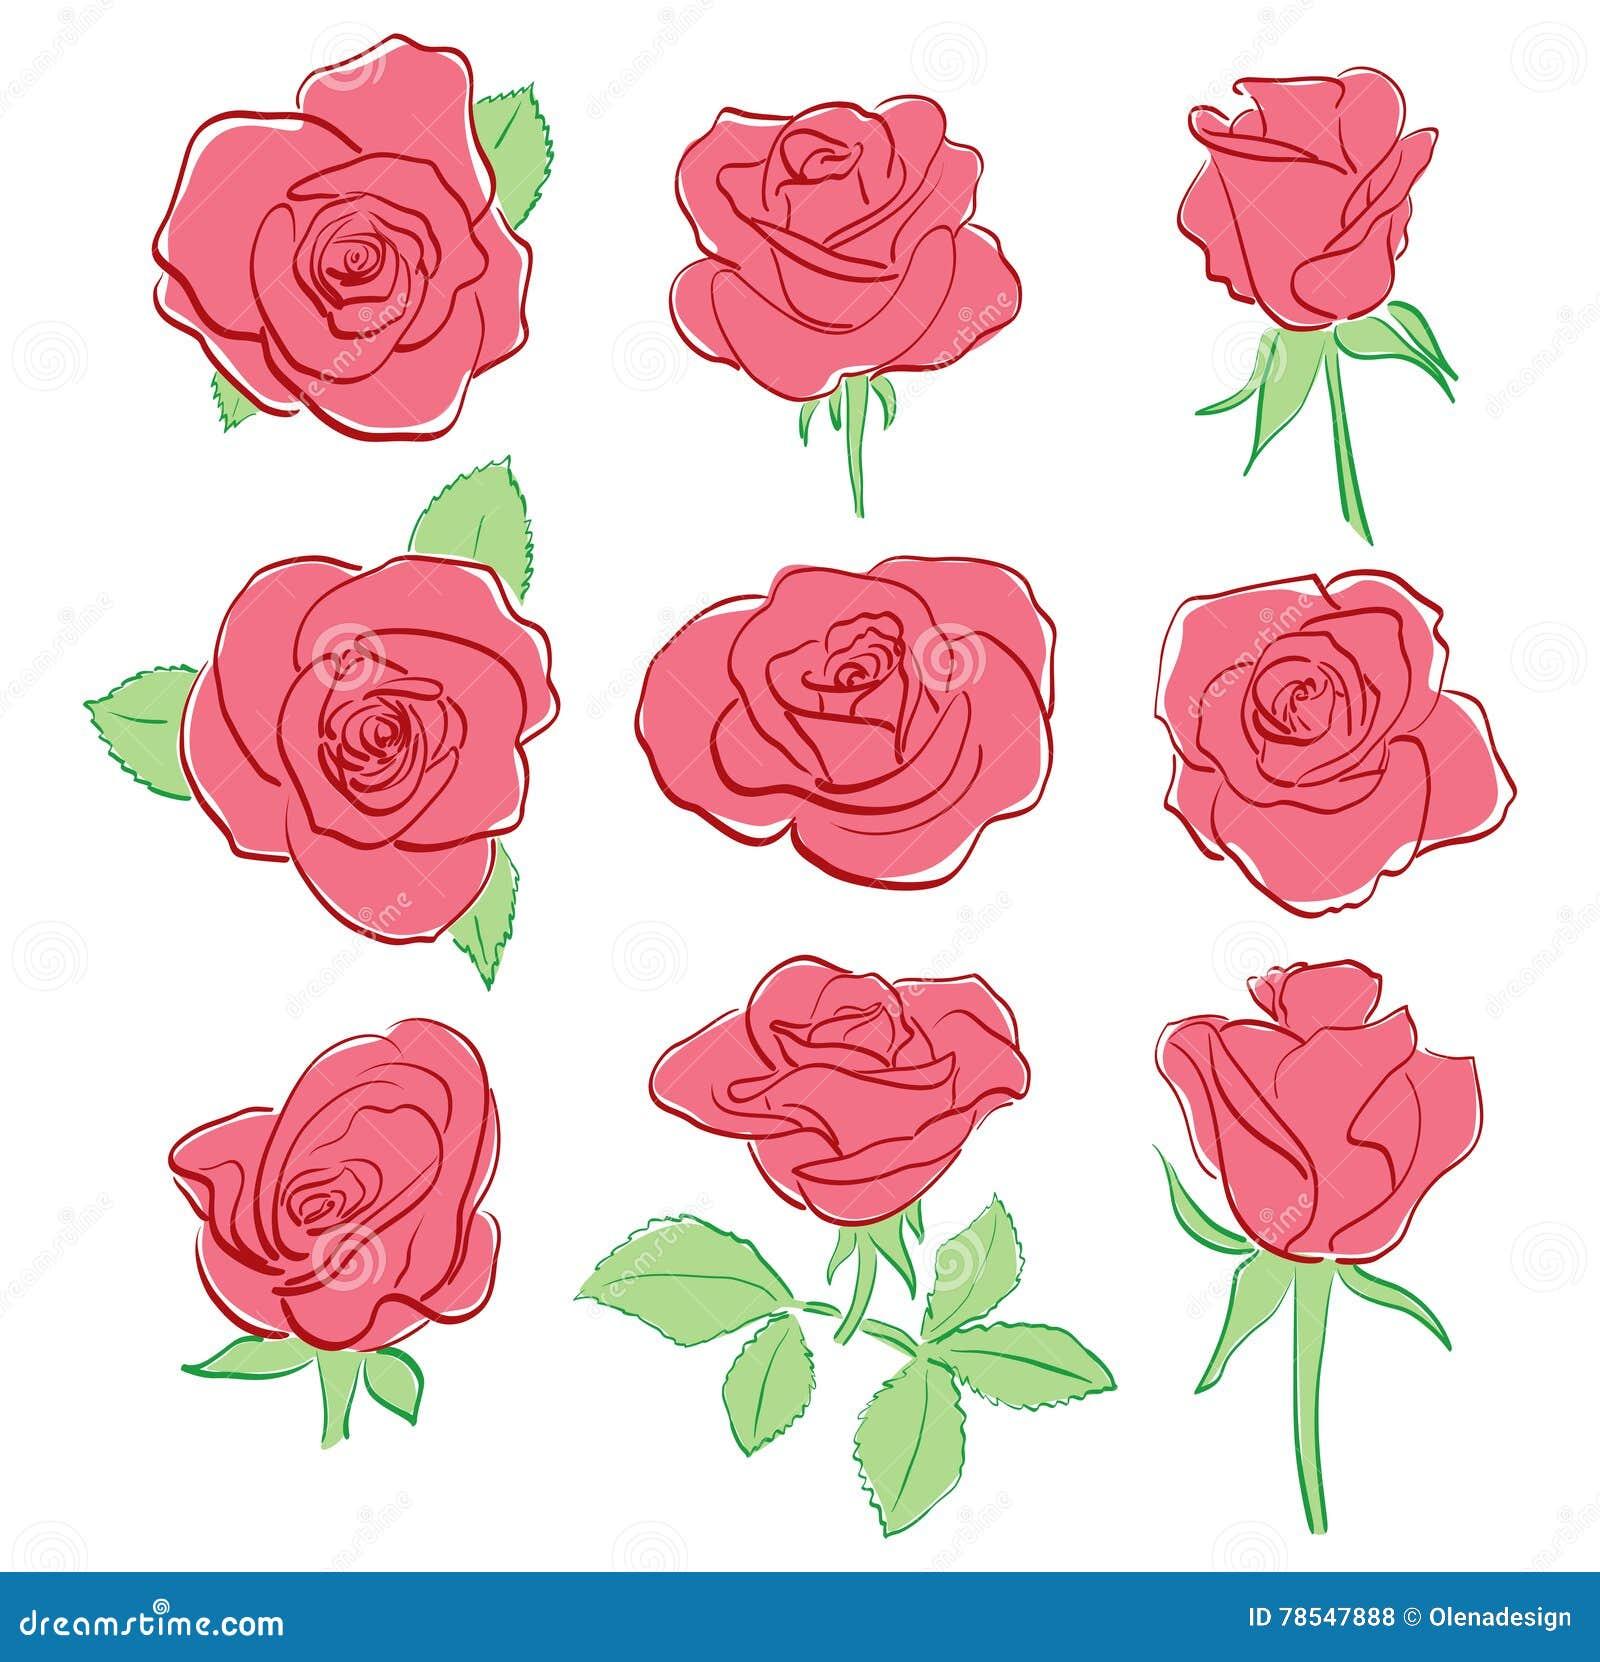 Belle Rose Rosse Insieme A Mano Disegno Illustrazione Vettoriale